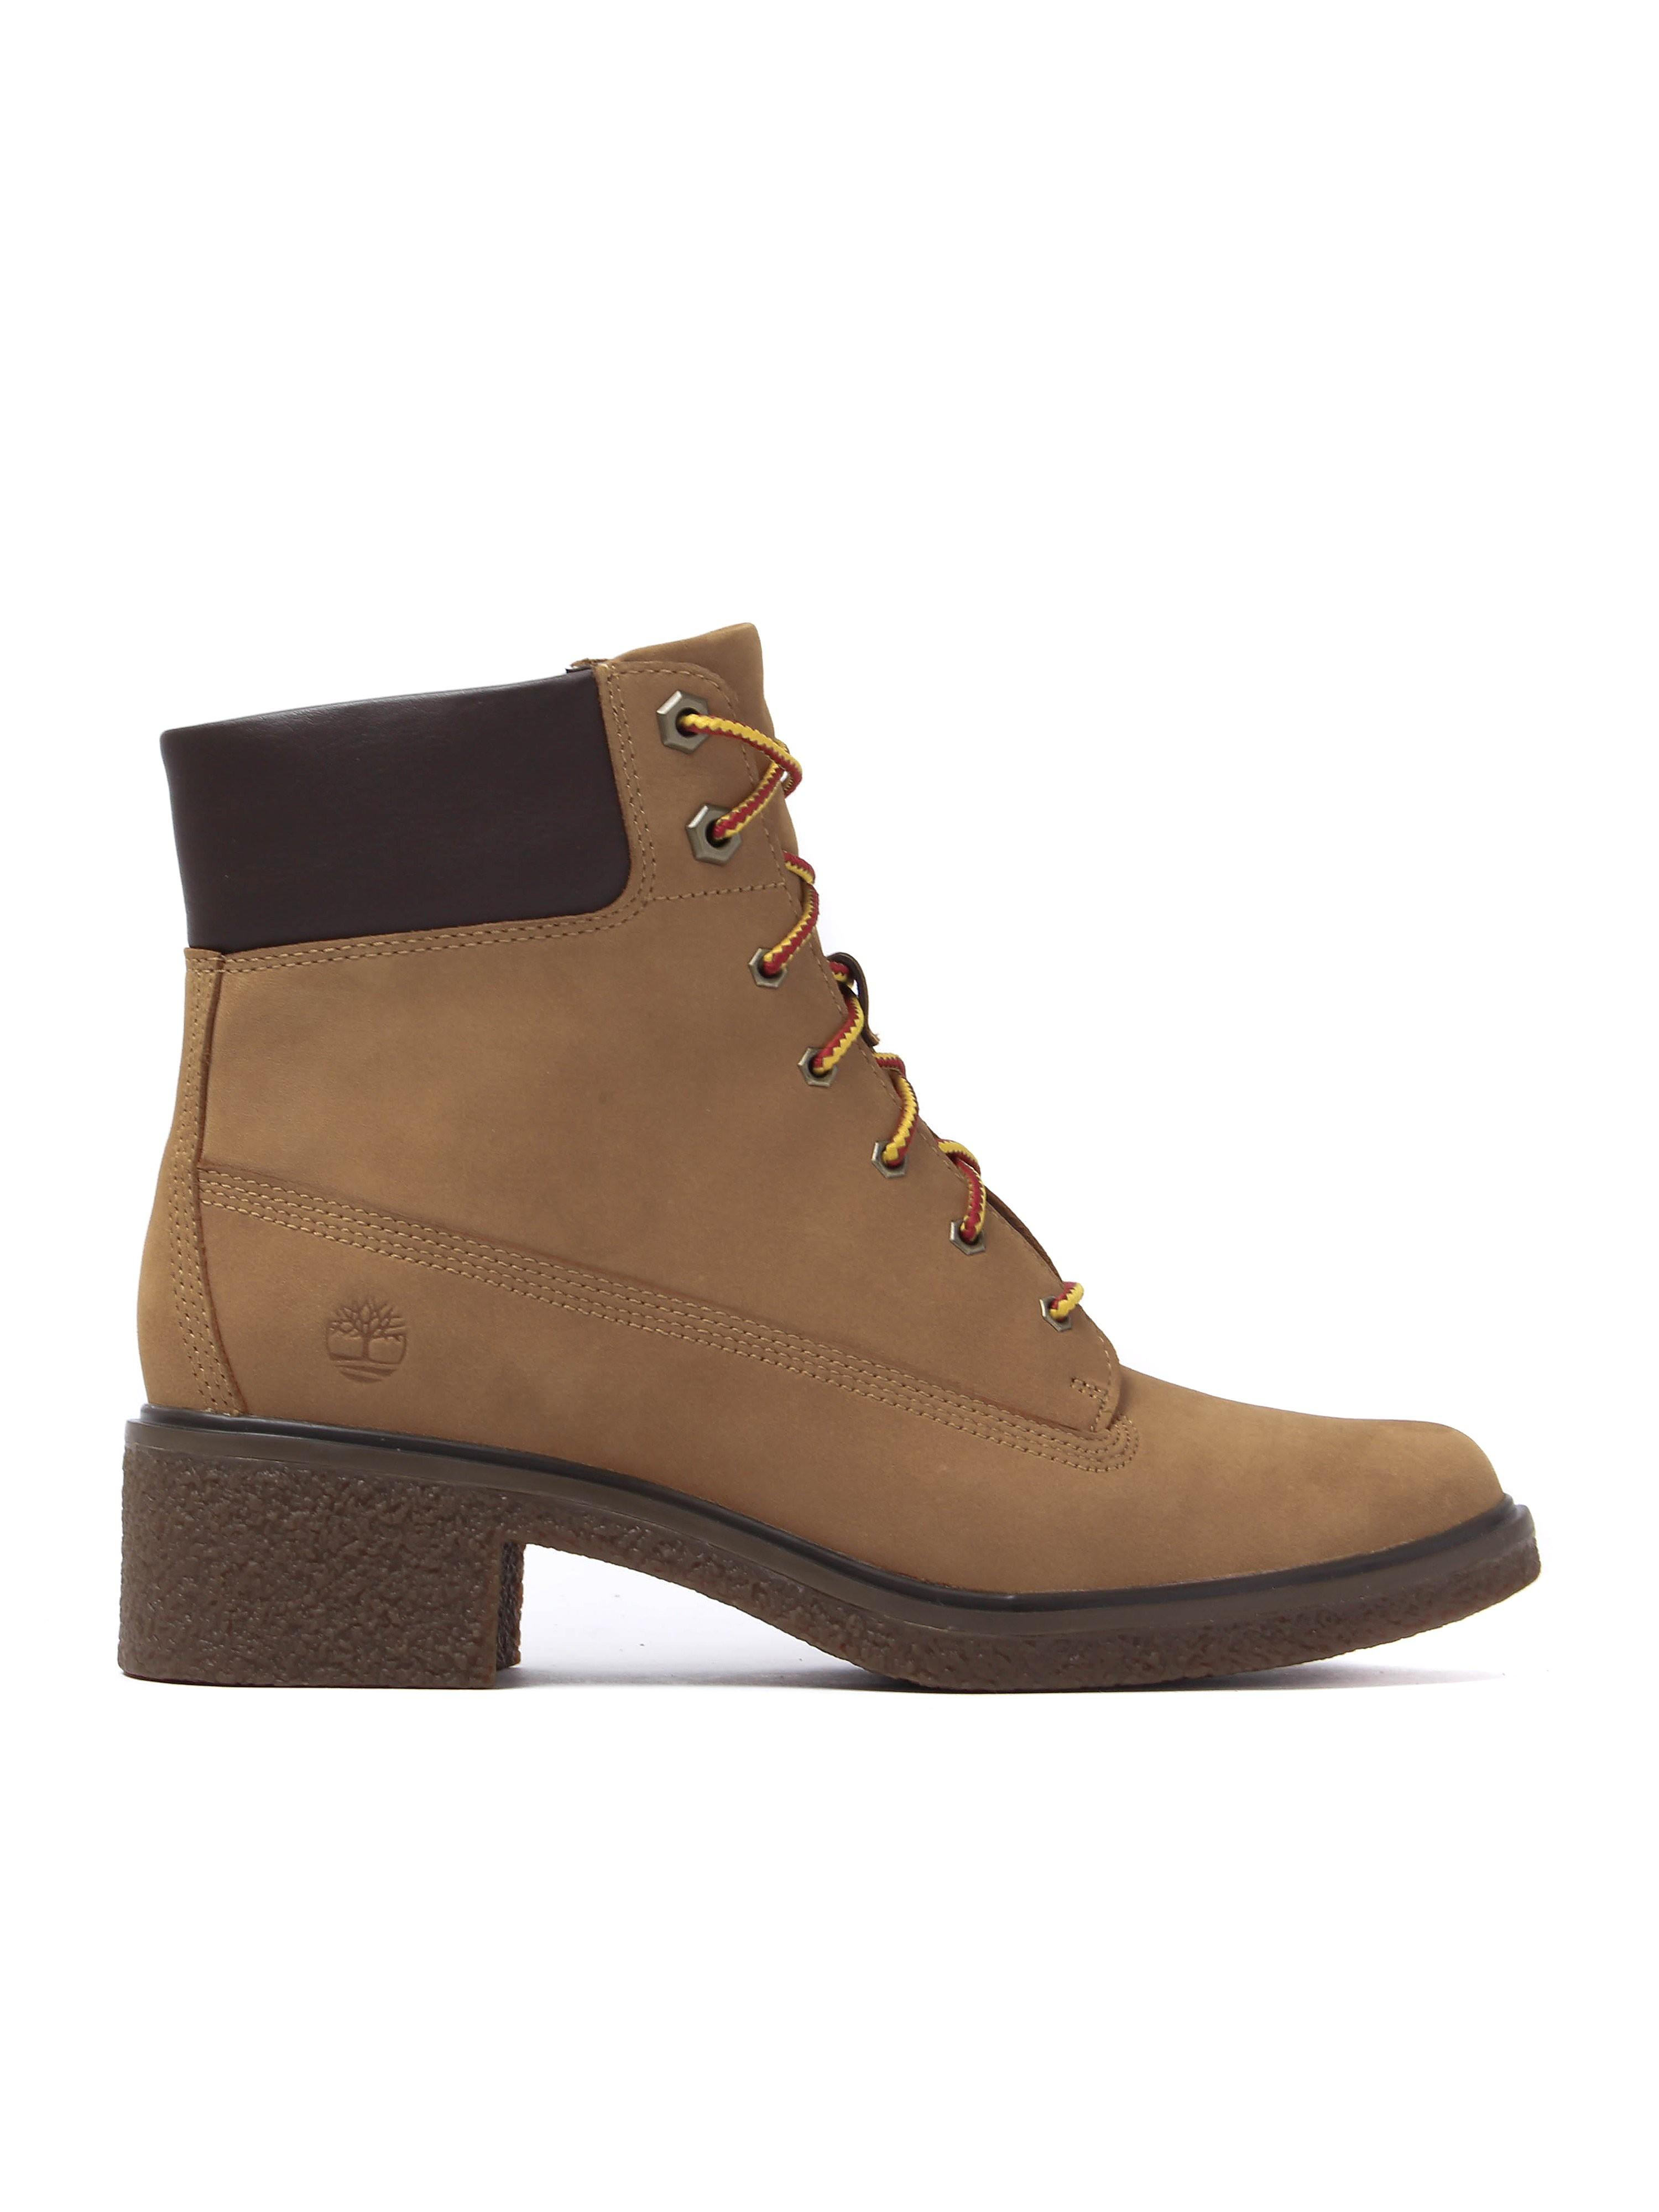 Timberland Women's Brinda 6 Inch Boots - Wheat Nubuck